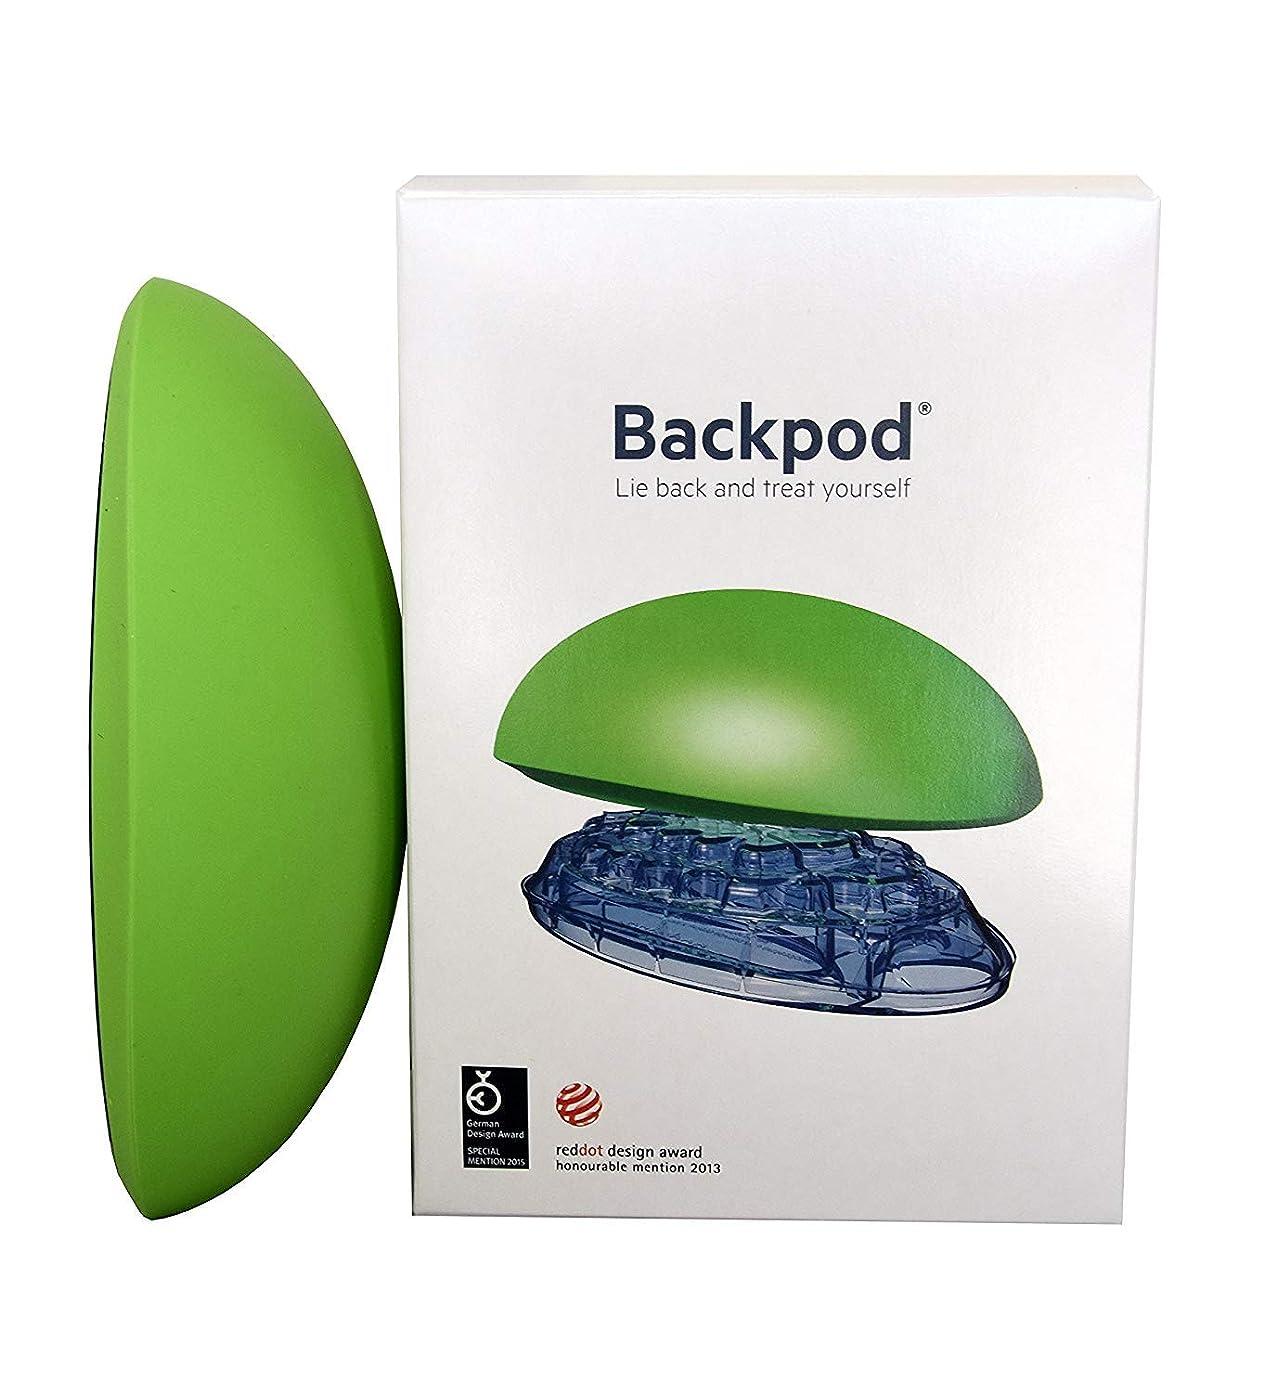 郵便物ベリー不正直Backpod ― Backpodは、頸部痛、上背部の痛み、頭痛のための高質なトリートメントです。これらの痛みは、スマートフォンやコンピュータを猫背になって使用していることで起こります。また、Backpodは、肋軟骨炎、ティーツェ症候群、喘息持ちの方、理想的な姿勢になりたい方にもおすすめです。